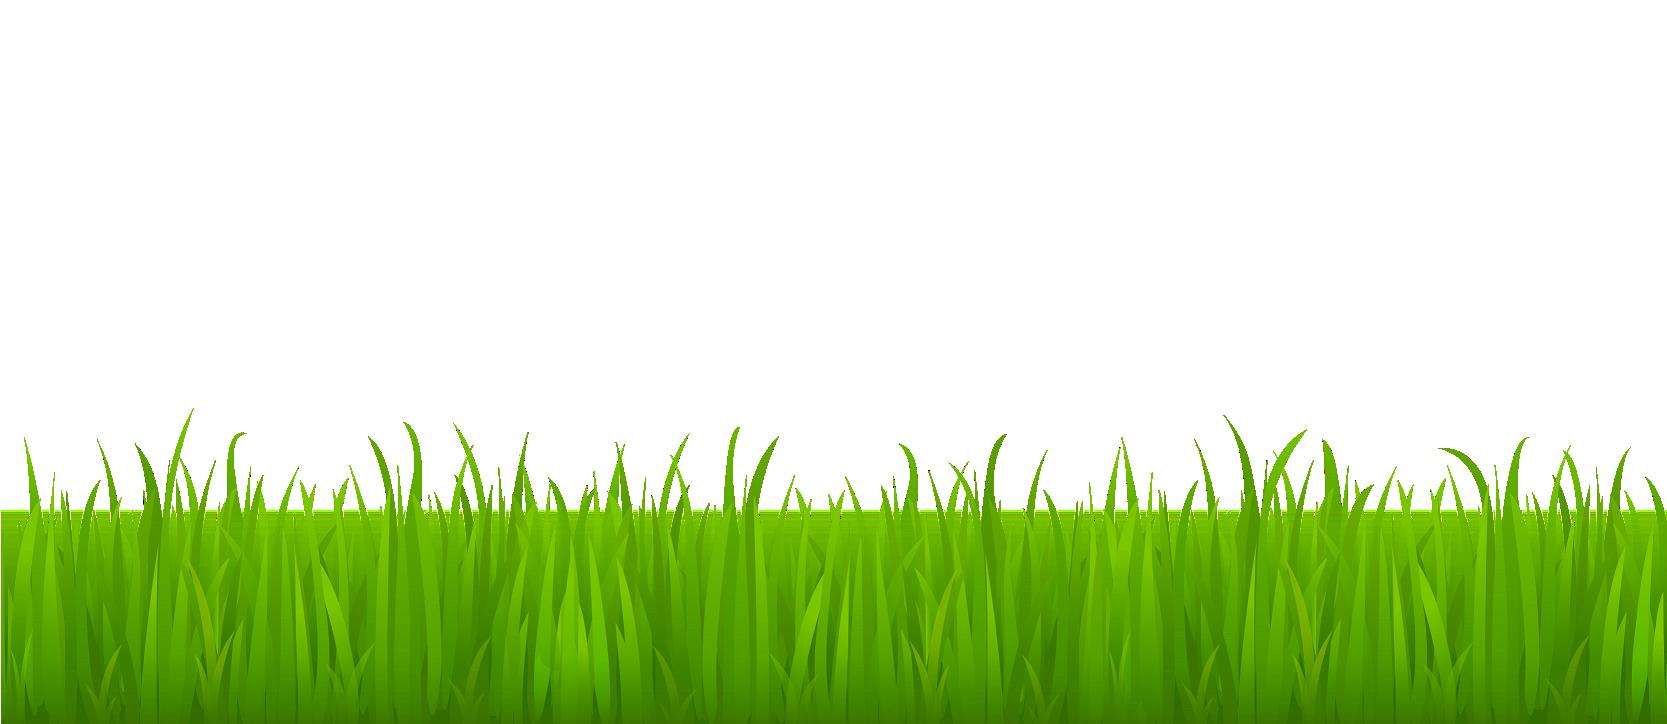 Lawn desktop wallpaper.